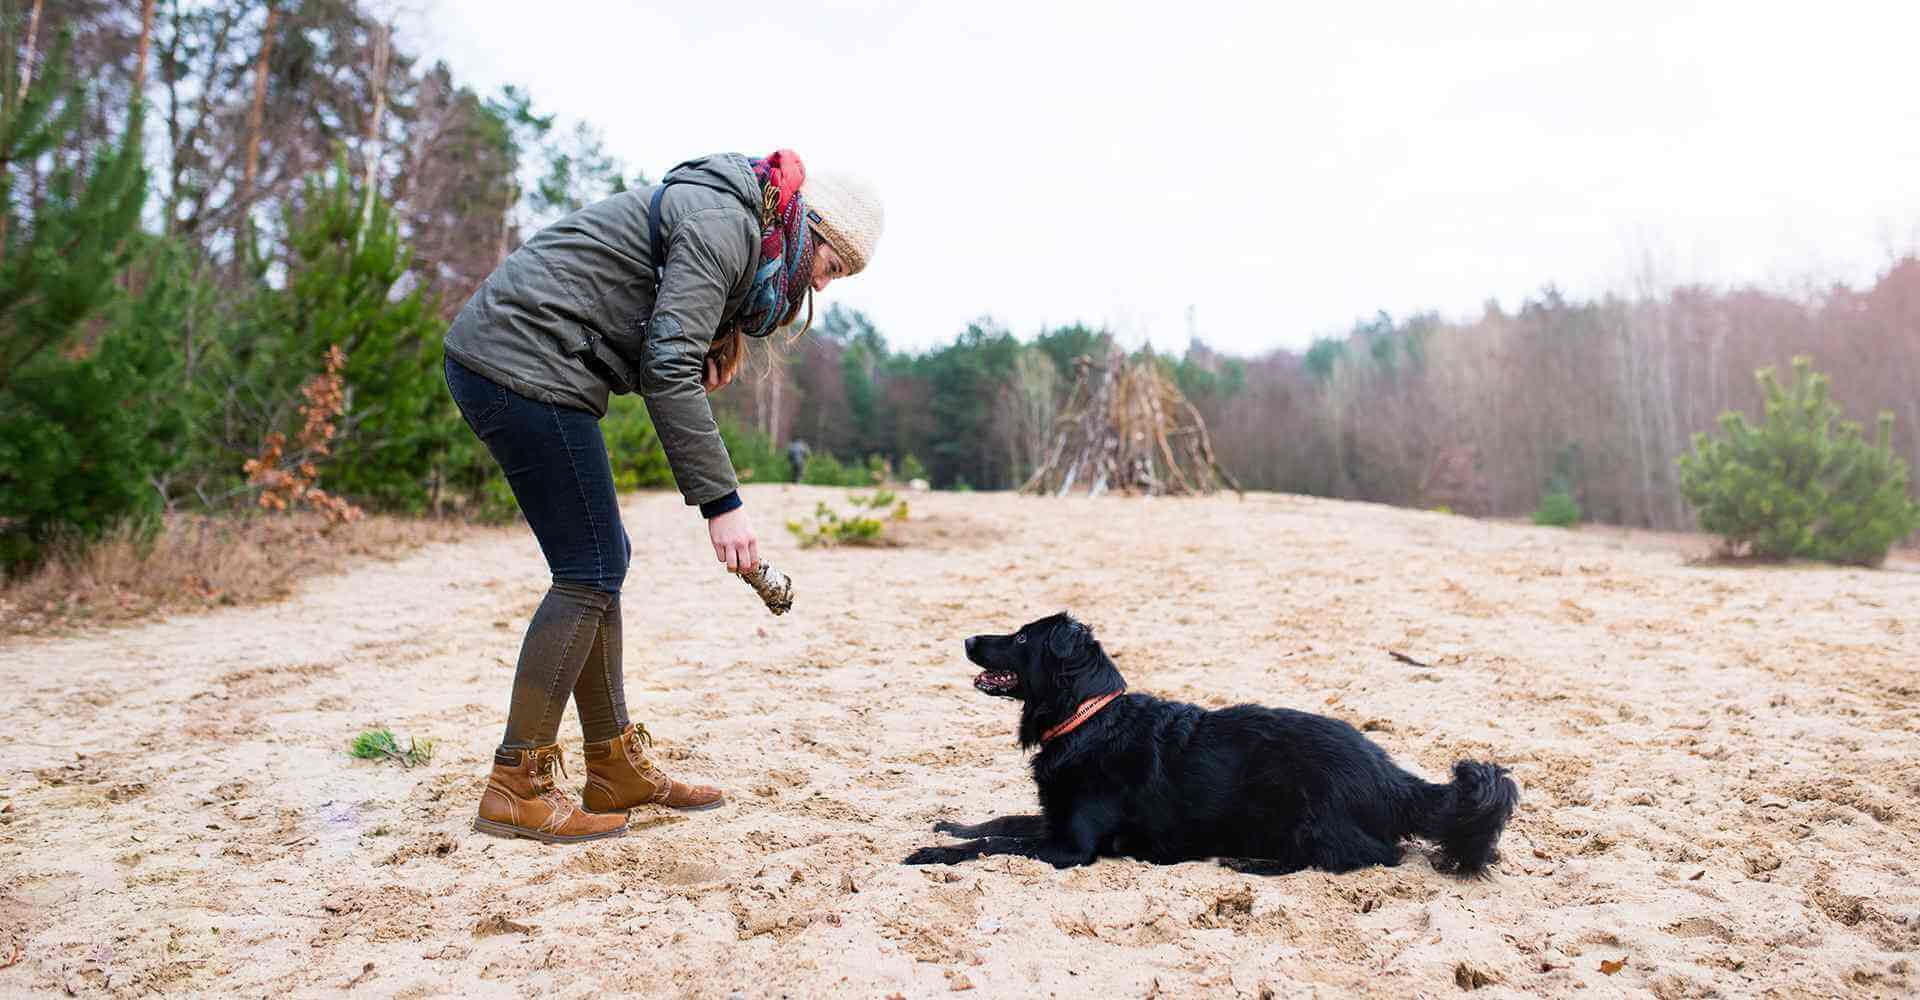 Frau spielt mit schwarzem Hund in der Natur